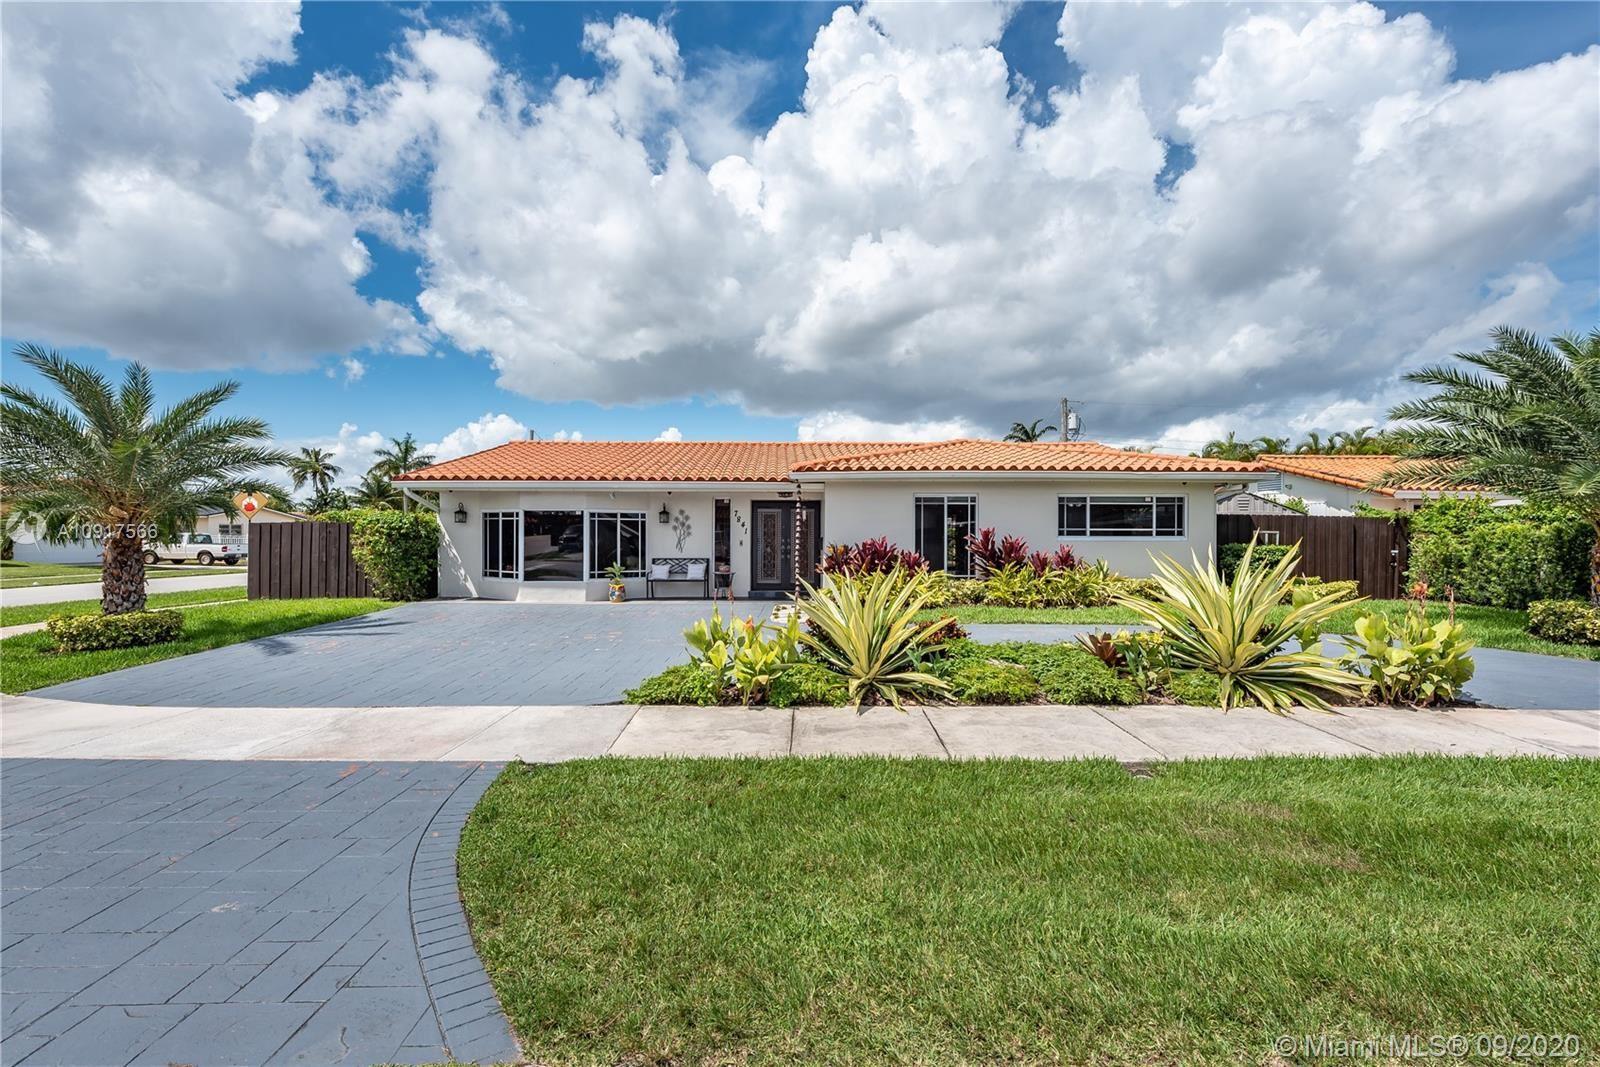 7841 SW 29th St, Miami, FL 33155 - #: A10917566